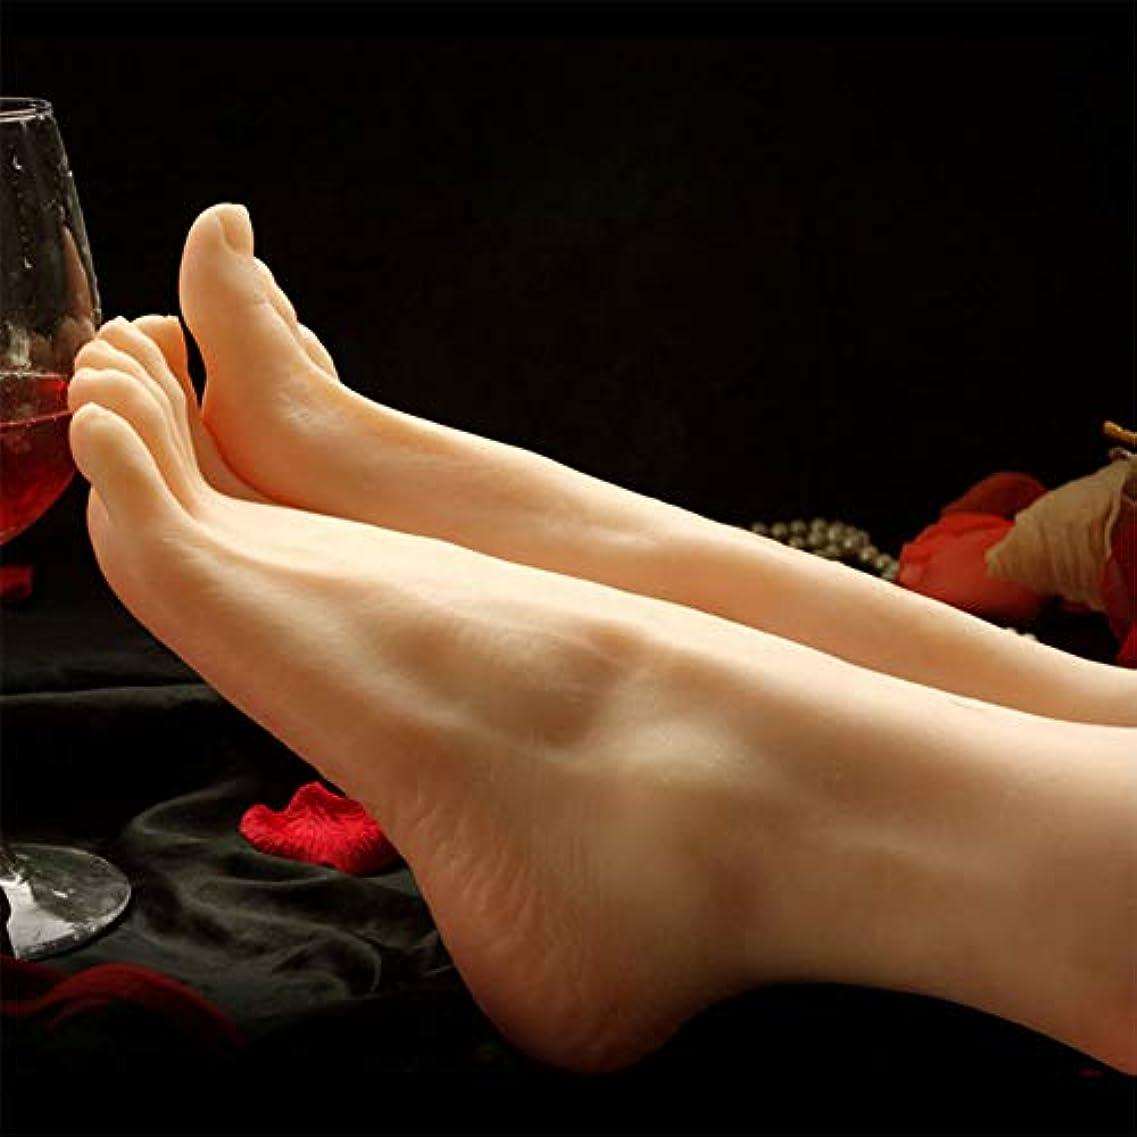 カラス変換する浴骨ディスプレイジュエリーサンダル靴ソックスと1ペアシリコーンライフサイズ女性マネキンフットネイルアートでスケッチを表示